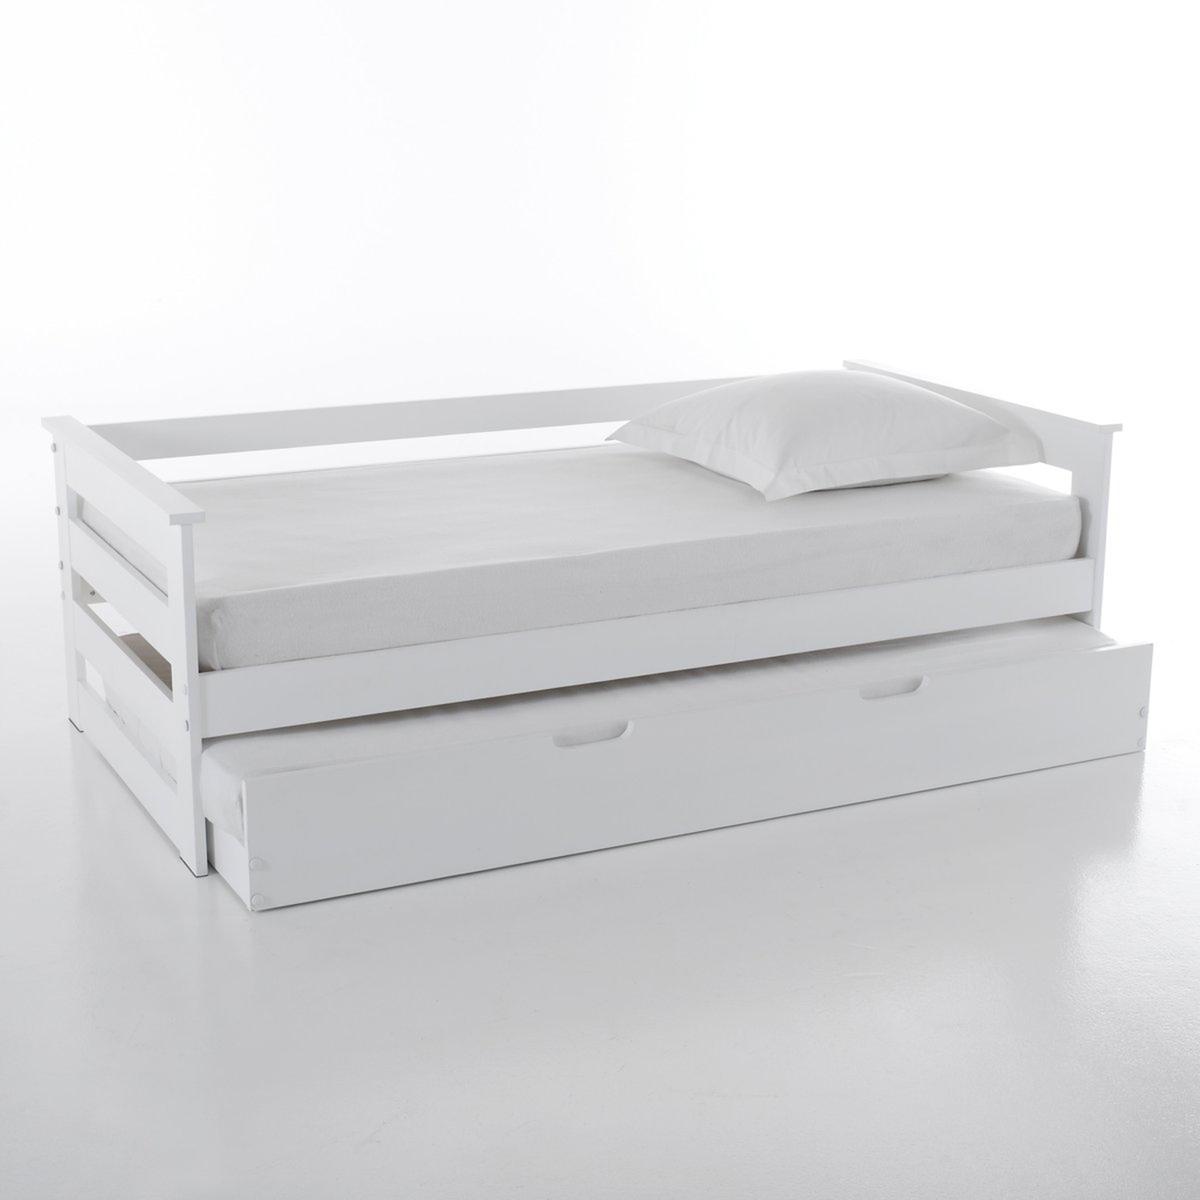 Кровать LaRedoute Двухъярусная из сосны ELLIS 90 x 190 см белый